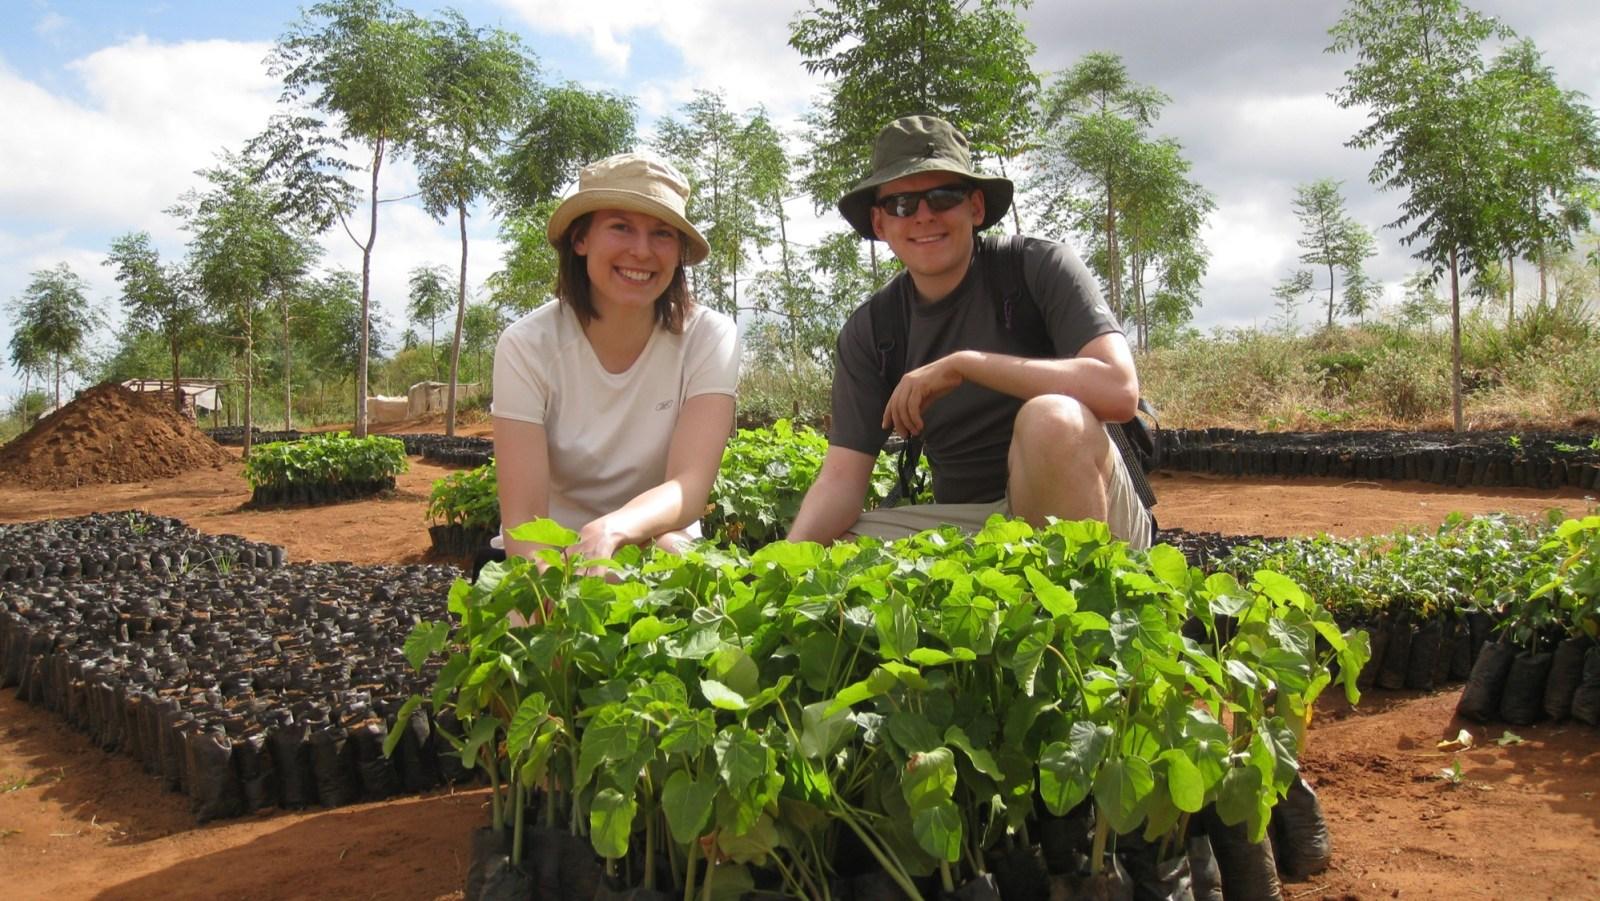 Den här bilden är från plantskolan i Kiambere 2008. Då var kapaciteten ca 10 000 plantor per säsong. Idag är den över 1 200 000 plantor per säsong. Notera att vi står på samma ställe som i nästa bild.